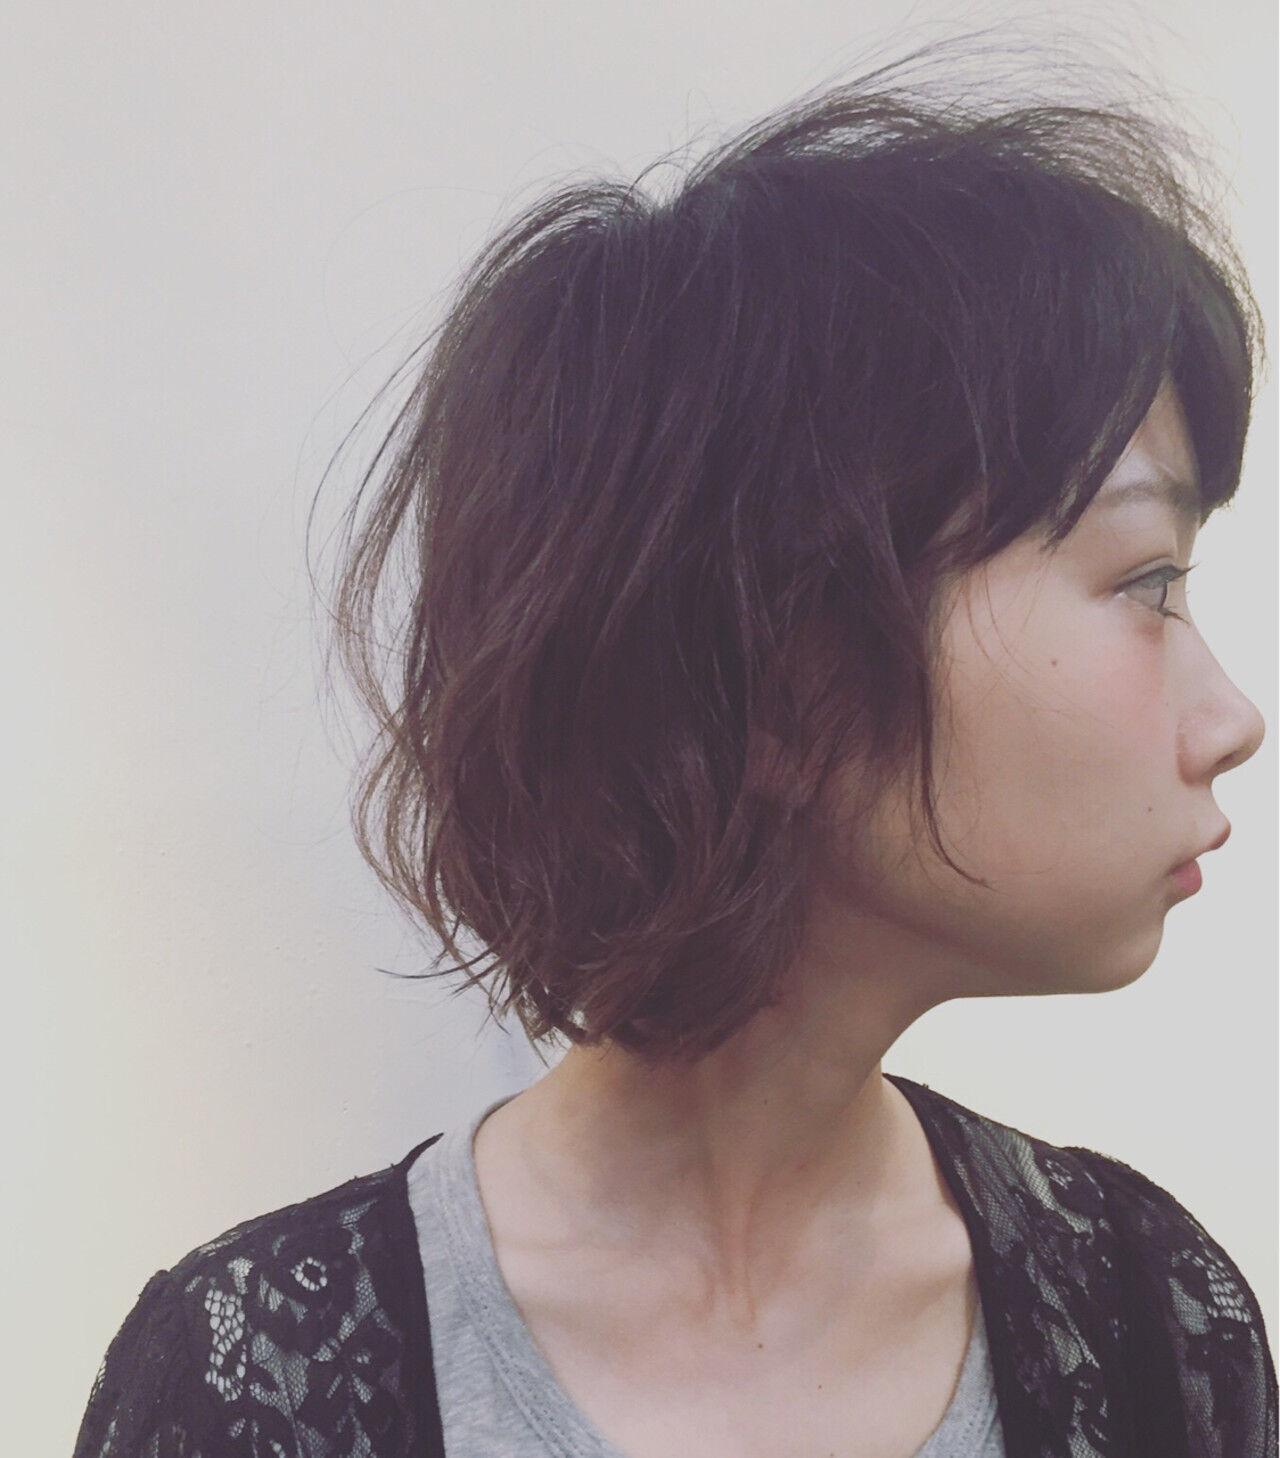 ナチュラル ピュア 抜け感 ボブヘアスタイルや髪型の写真・画像